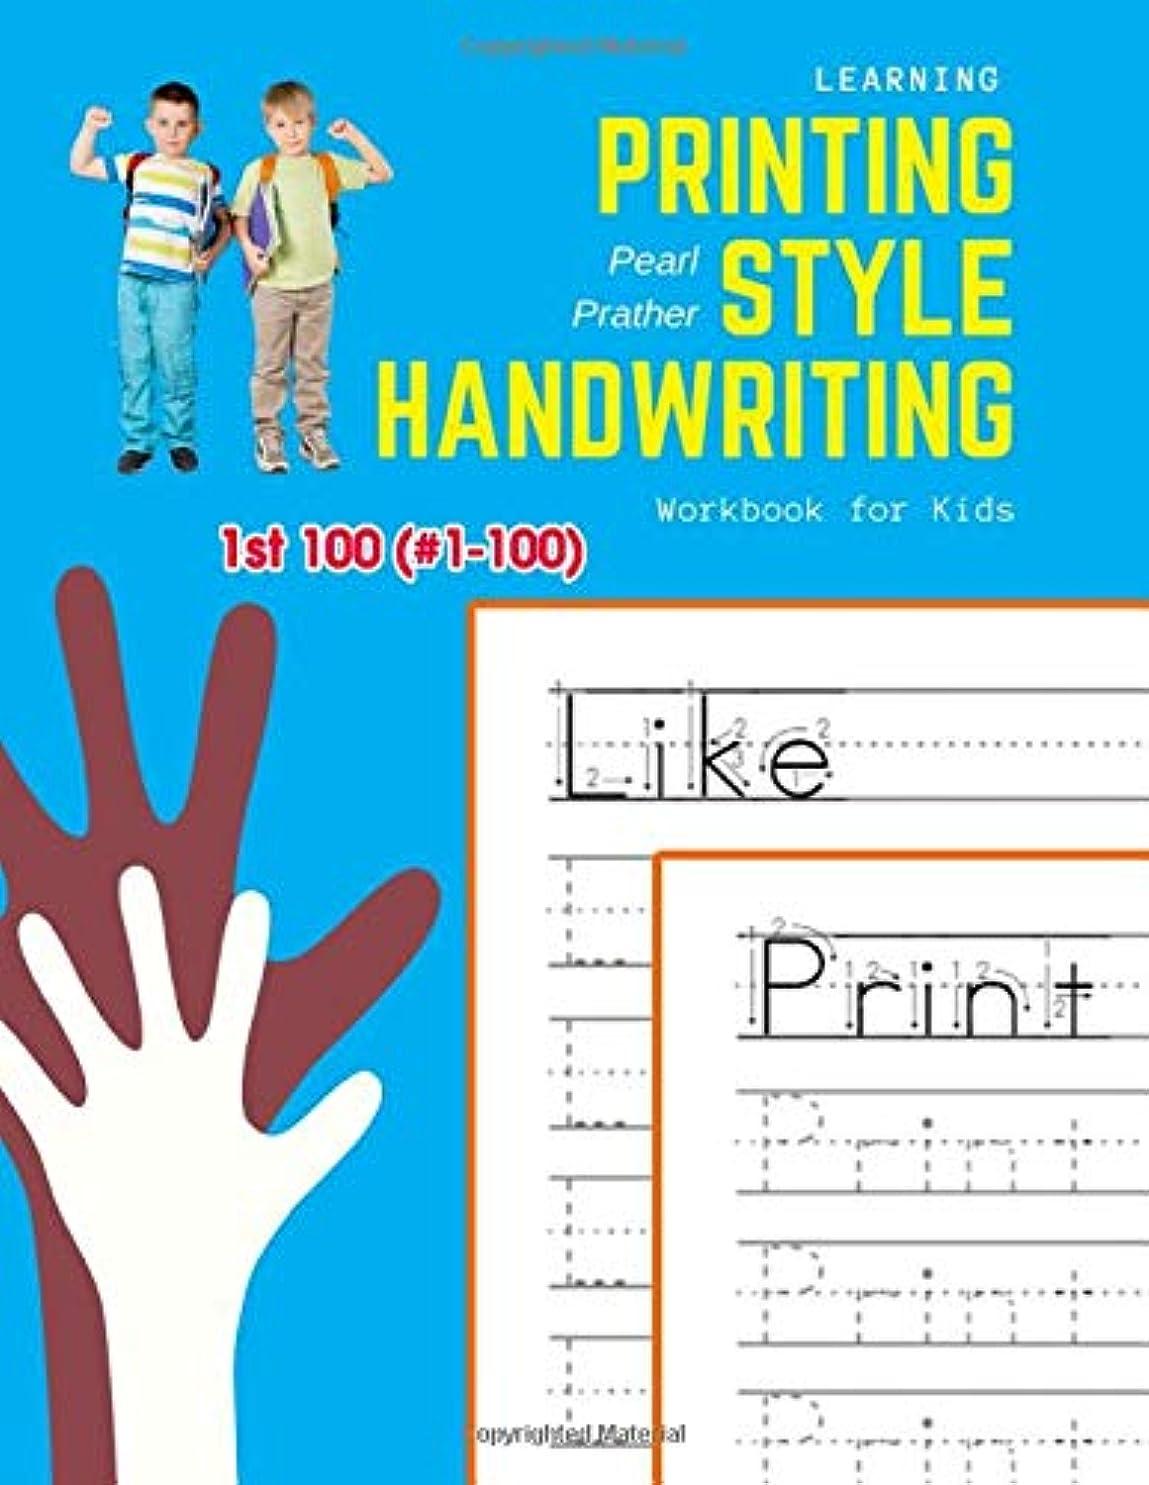 踏み台台風羊のLearning Printing Style Handwriting Workbook for Kids: Practice and review 1st 100 (#1-100) fry sight words book (1000 English Fry Sight Words Printing Style Handwriting)